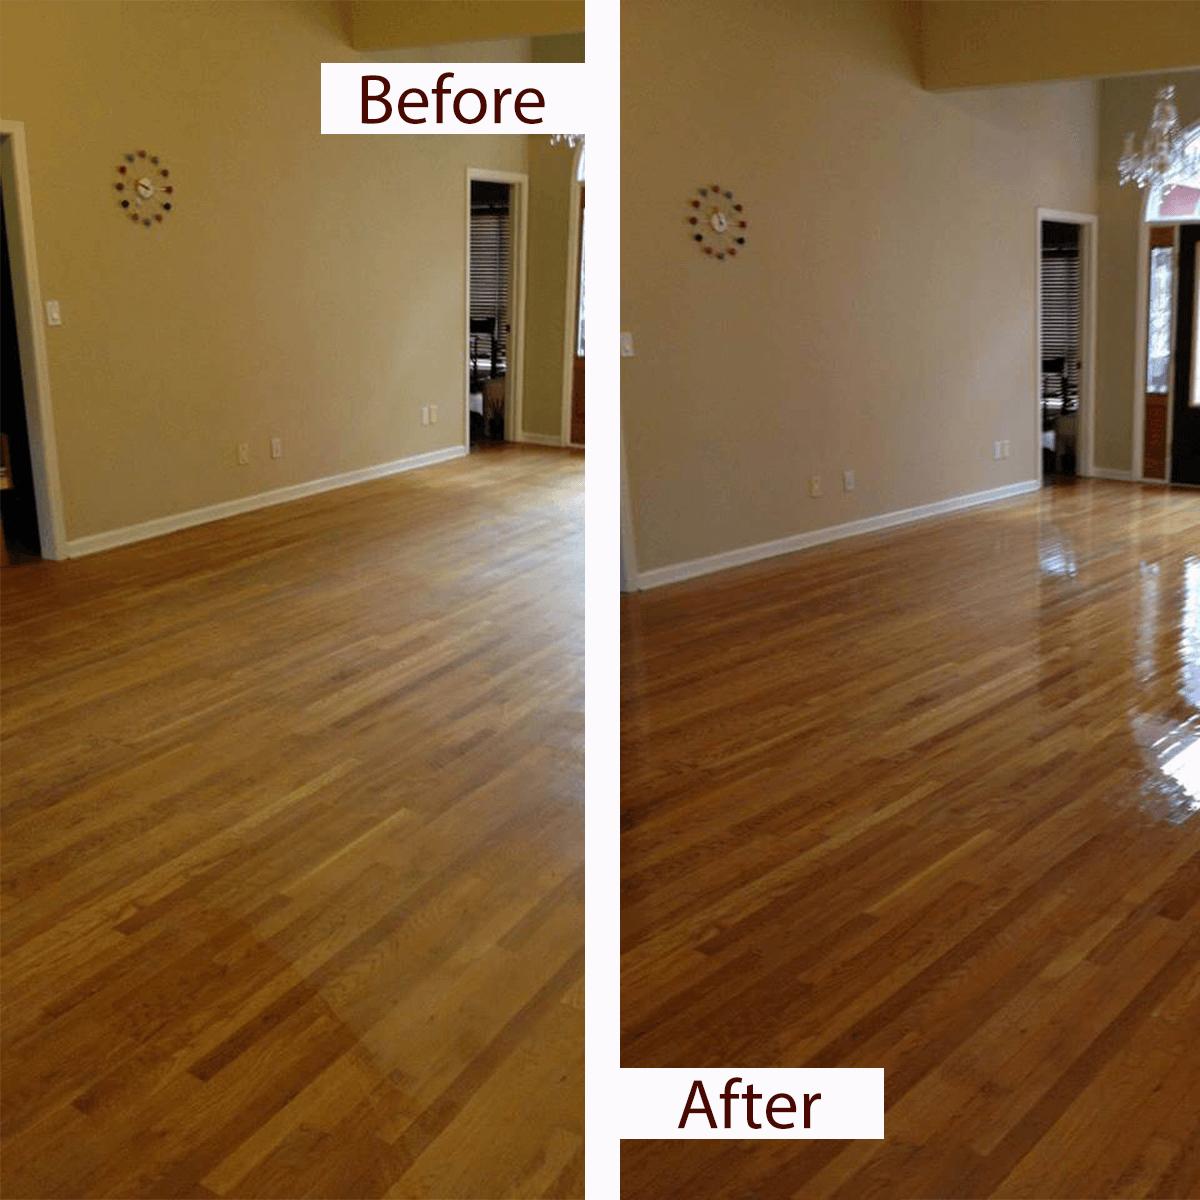 before and after hardwood floor resurfacing in Huntsville, AL